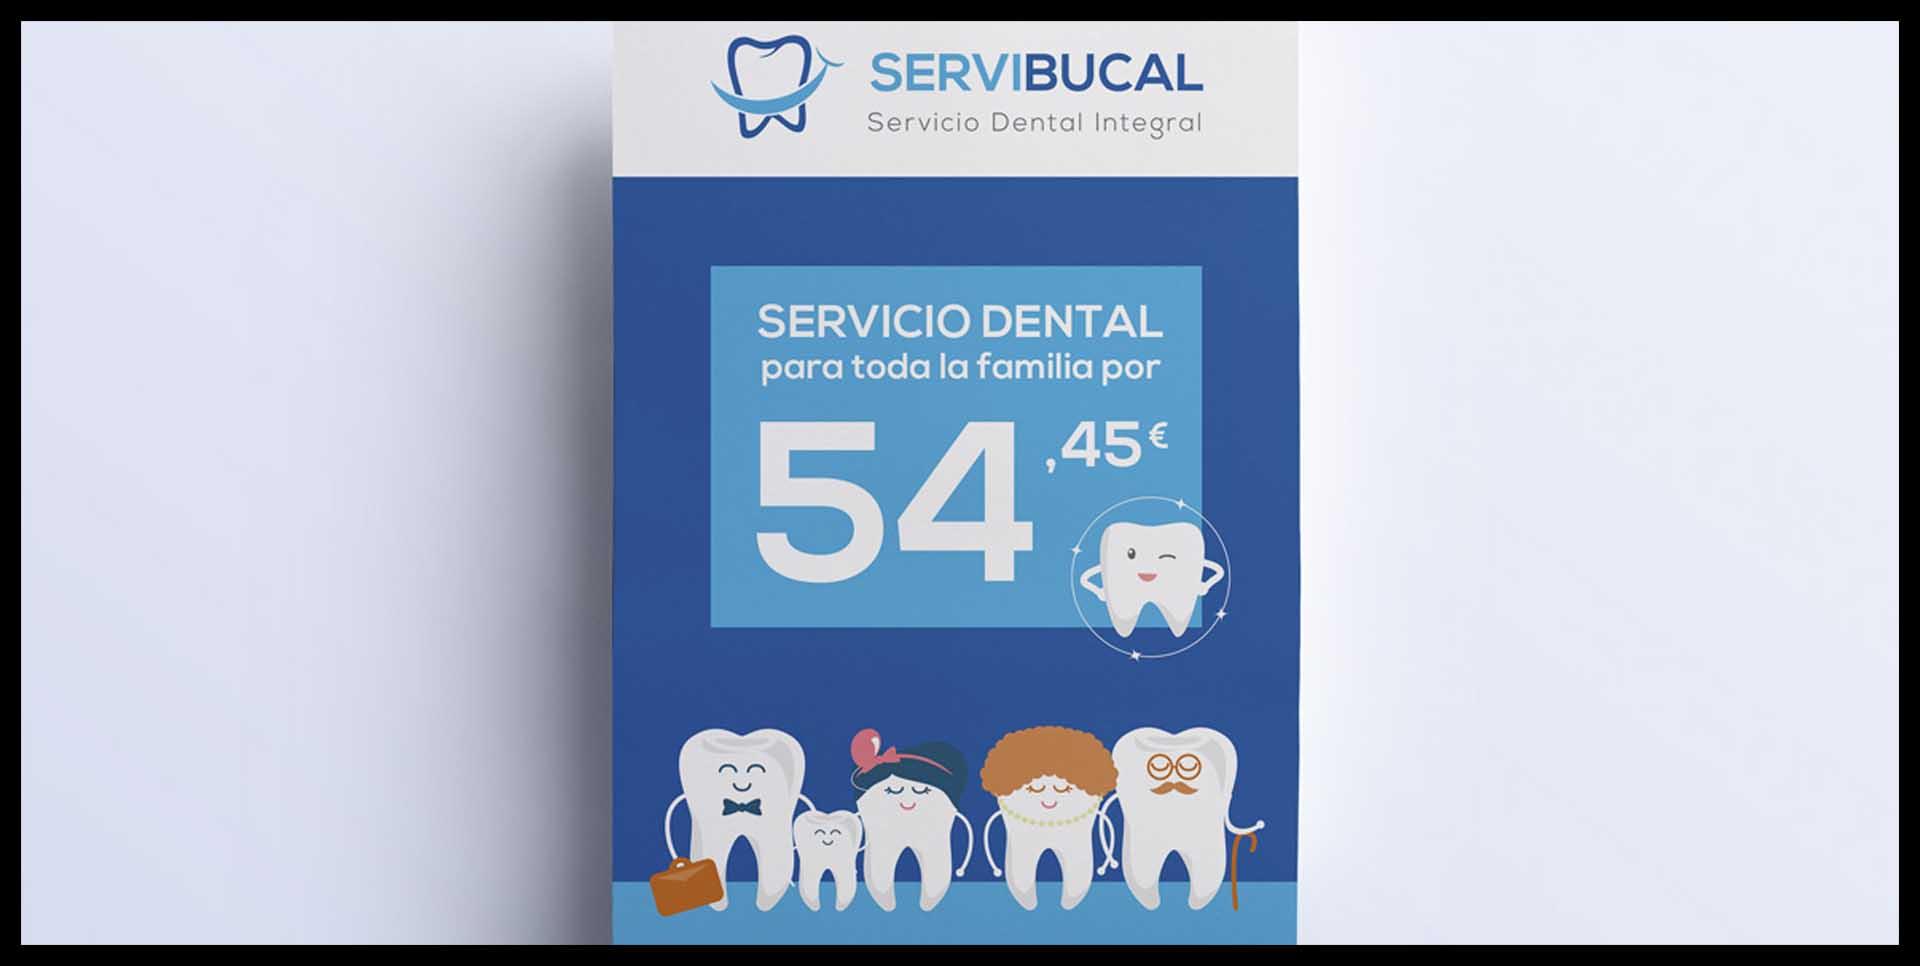 servicios ofrecidos por servibucal